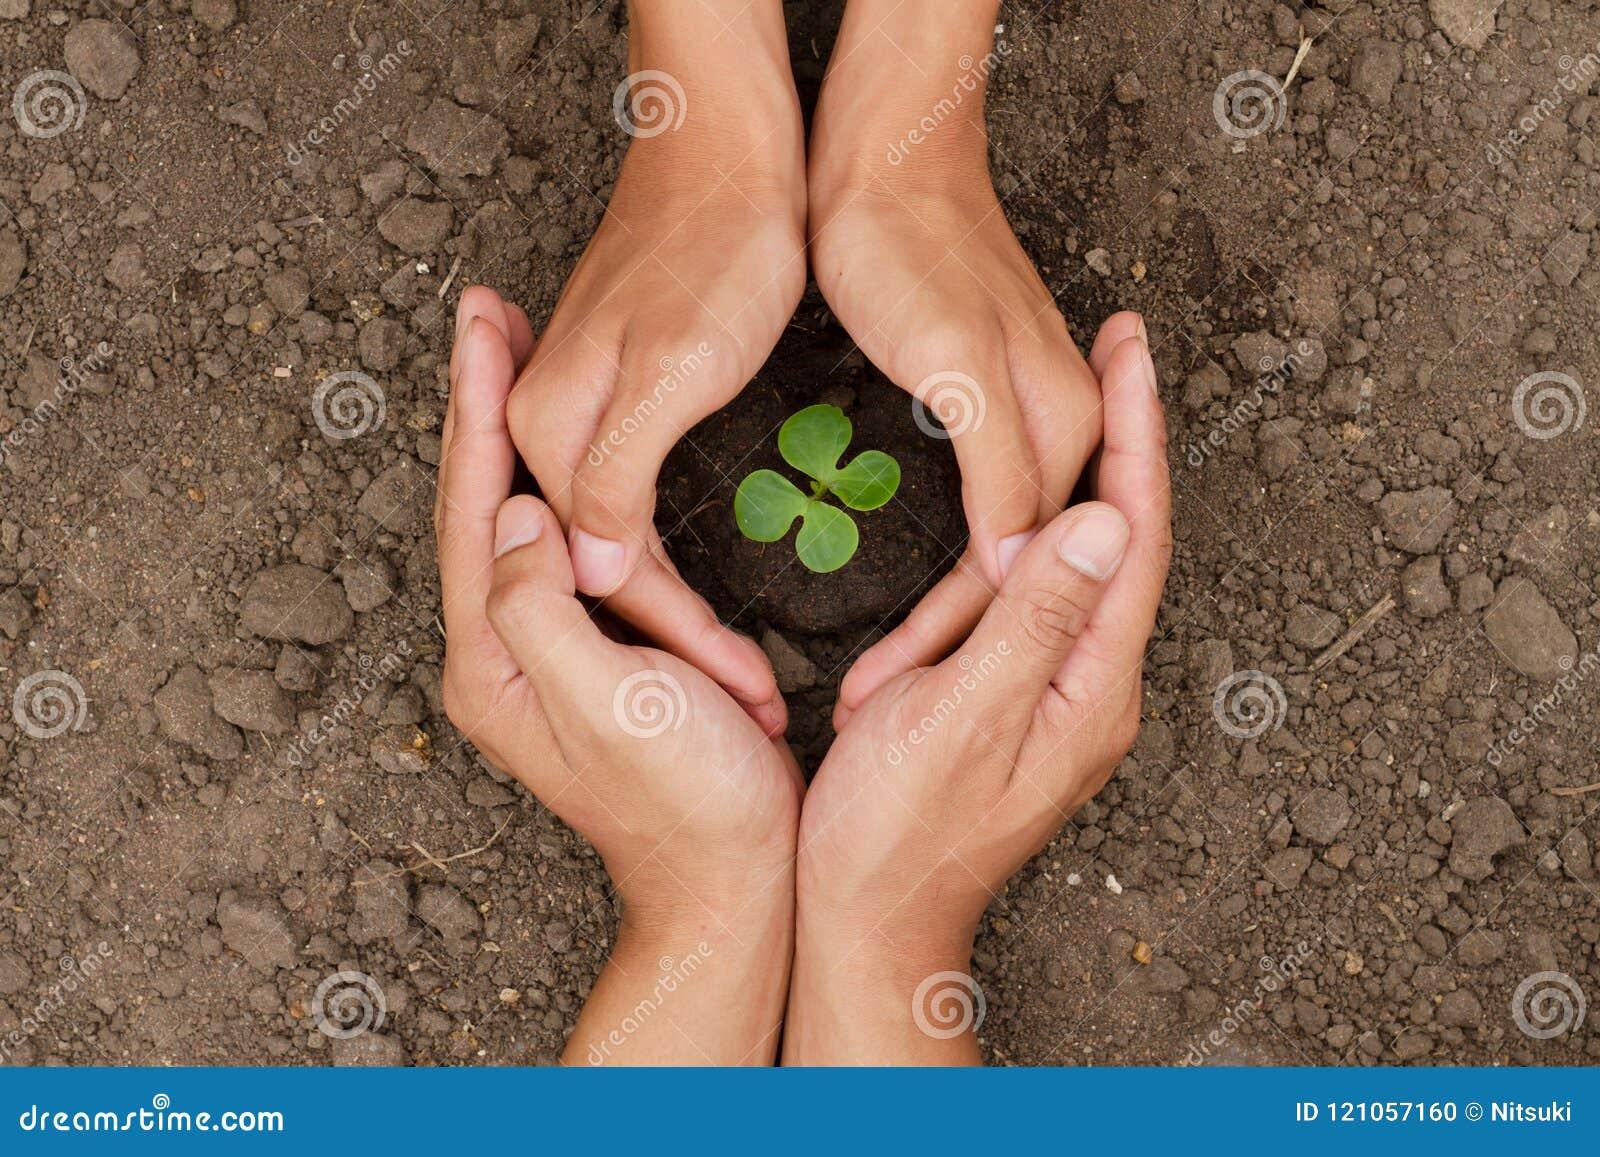 Τα χέρια είναι προστατεύουν ένα μικρό δέντρο ή το φυτό αυξάνεται στο χώμα